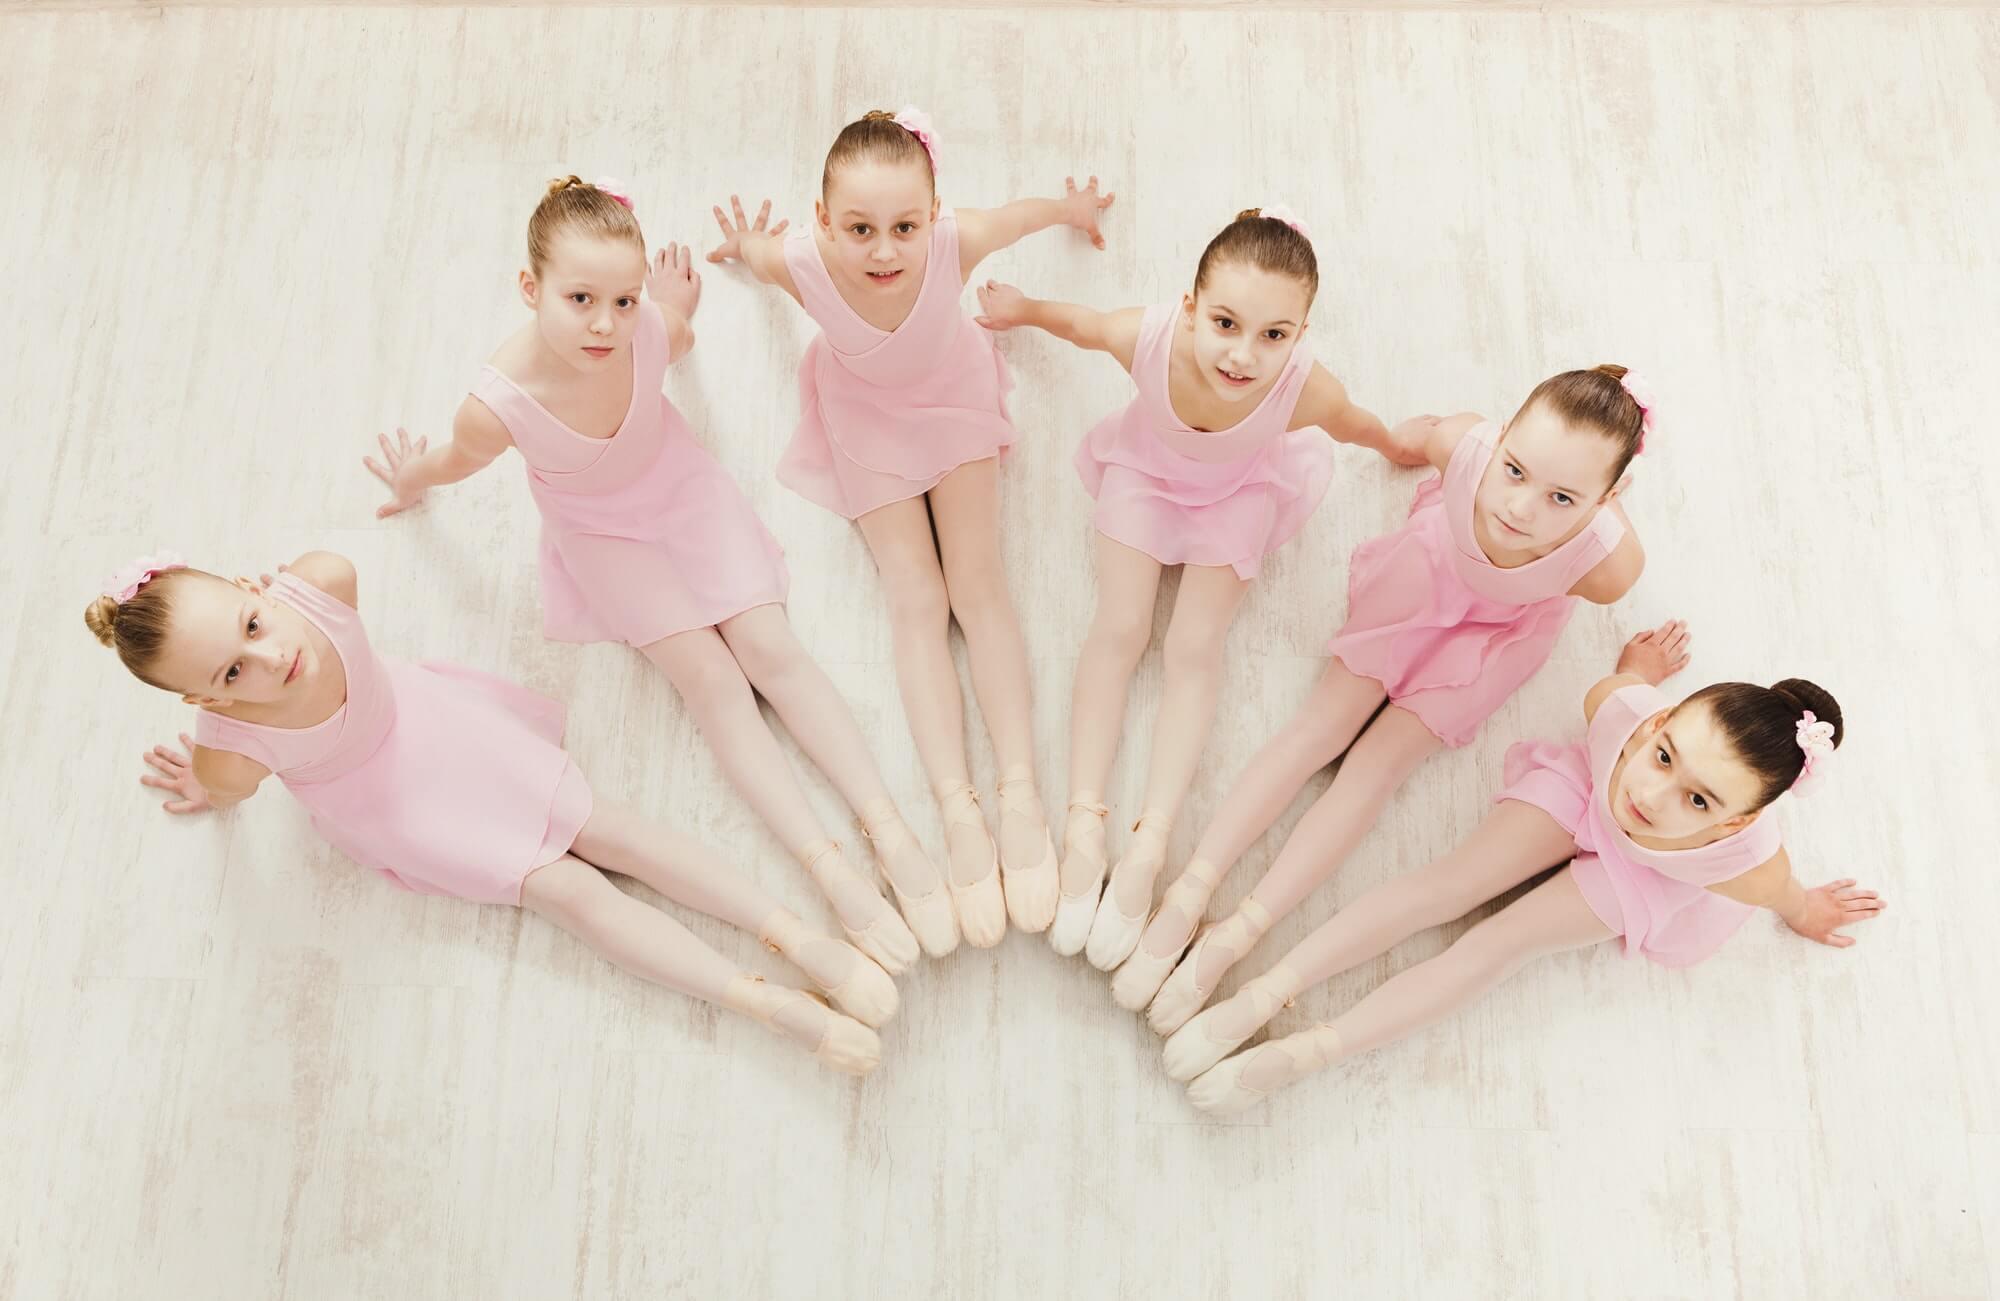 little-girls-dancing-ballet-in-studio